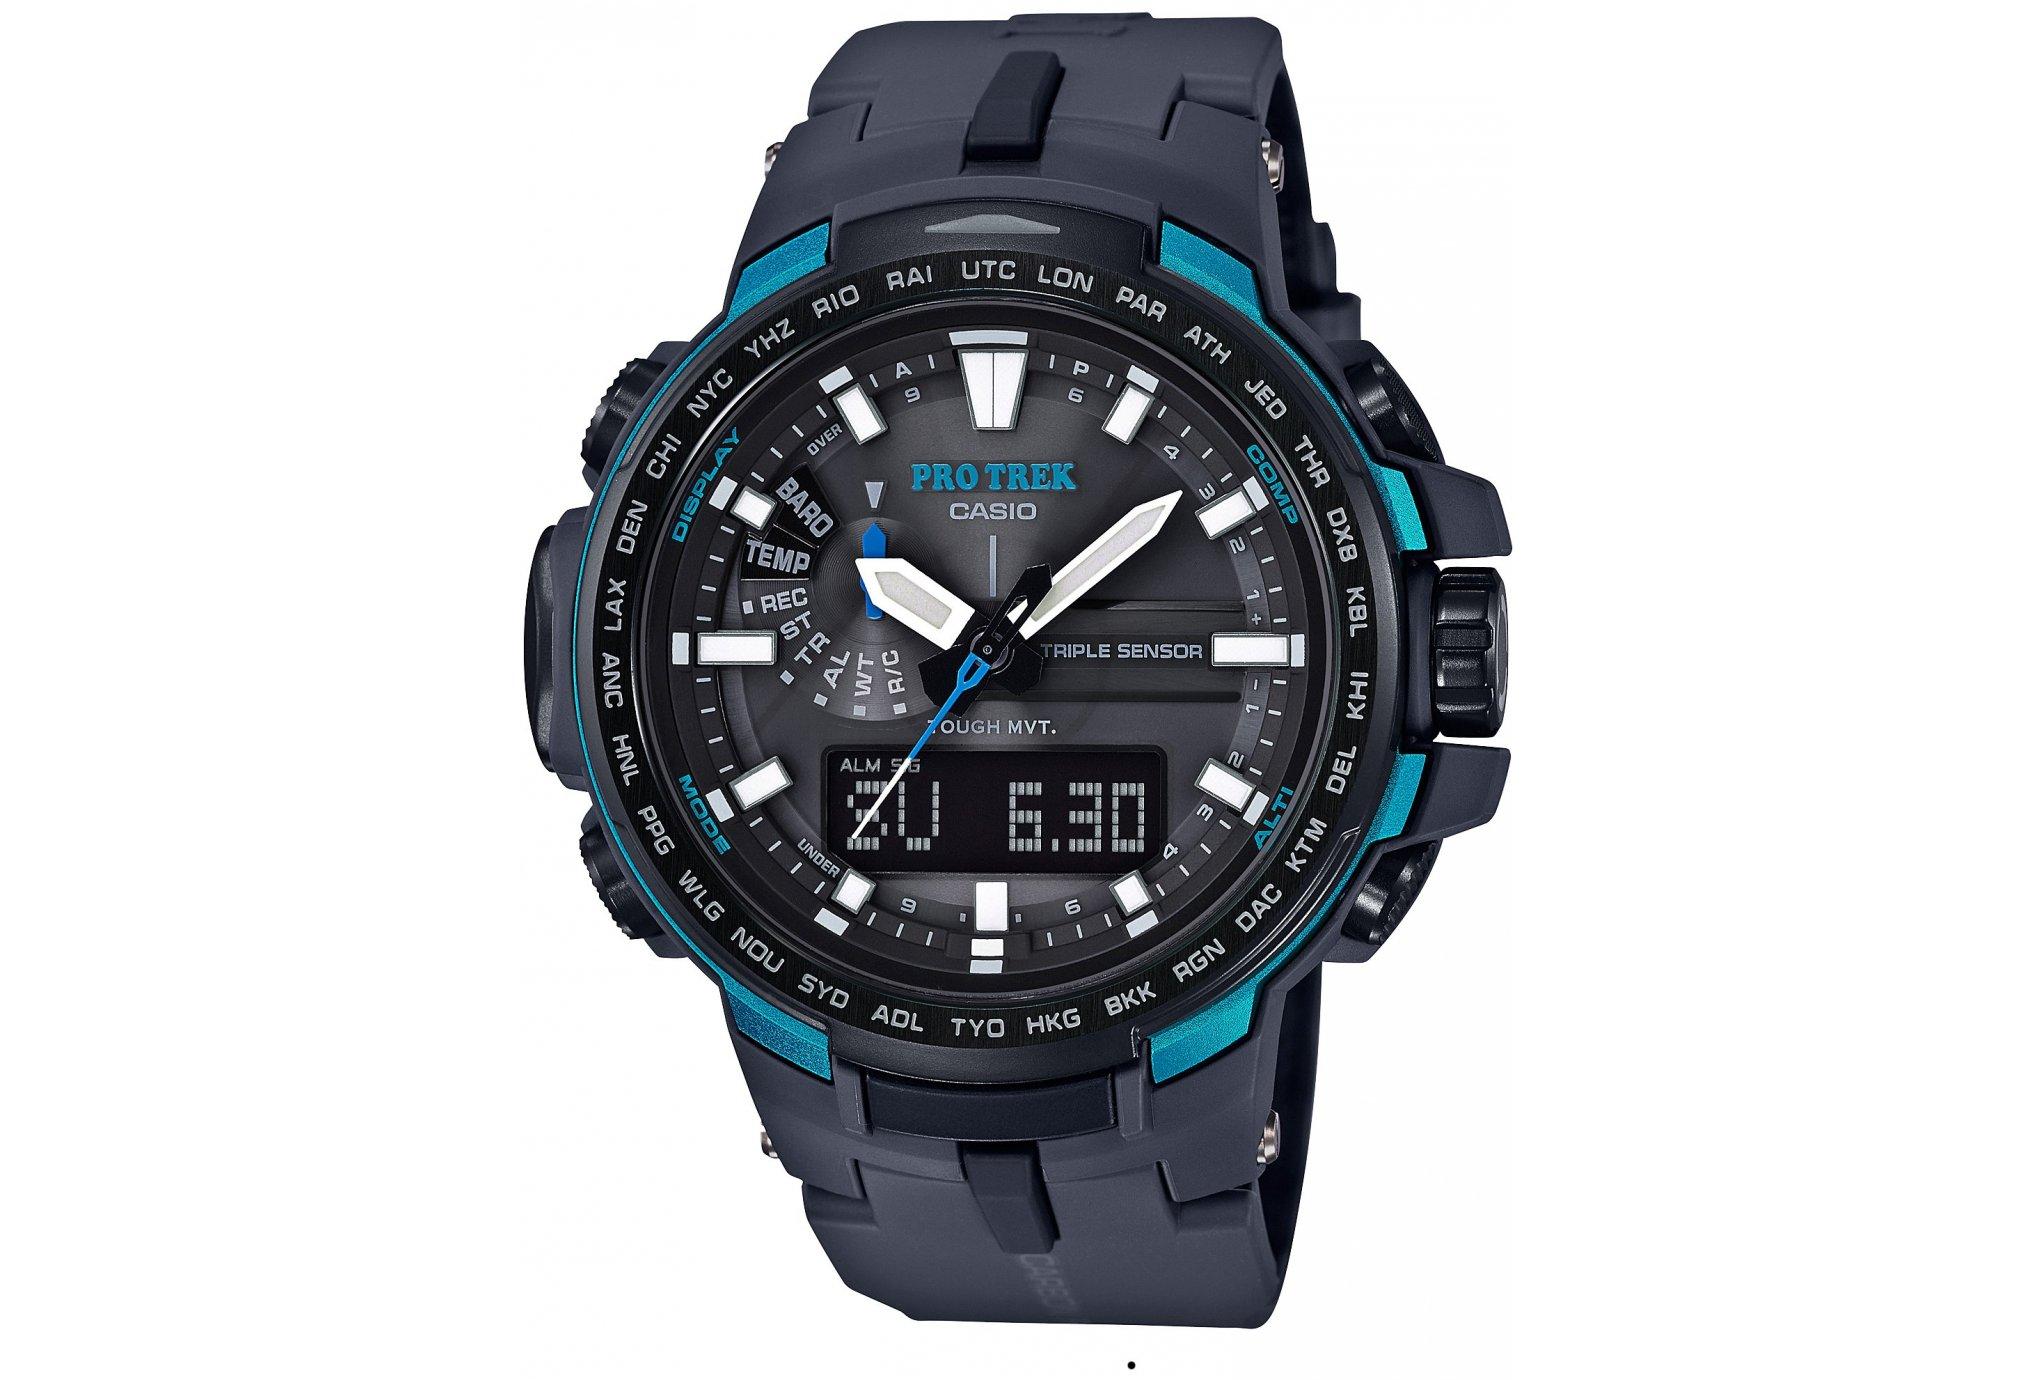 Casio Pro trek prw-6100y montres de sport